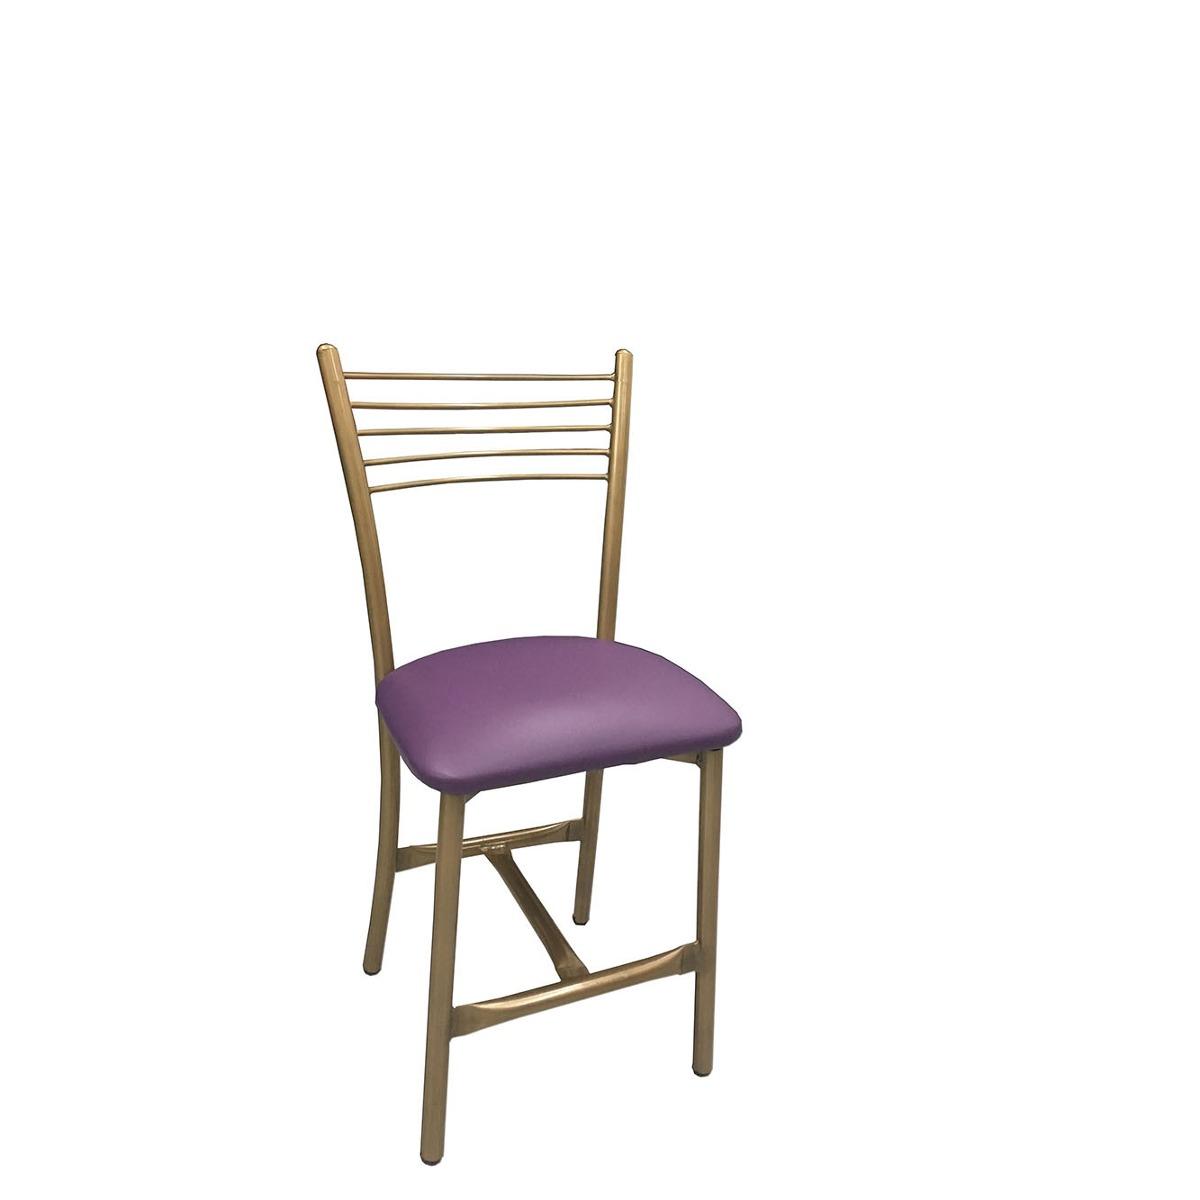 Mesas y sillas para restaurante vintage indus estilo tifanny en mercado libre - Sillas estilo vintage ...